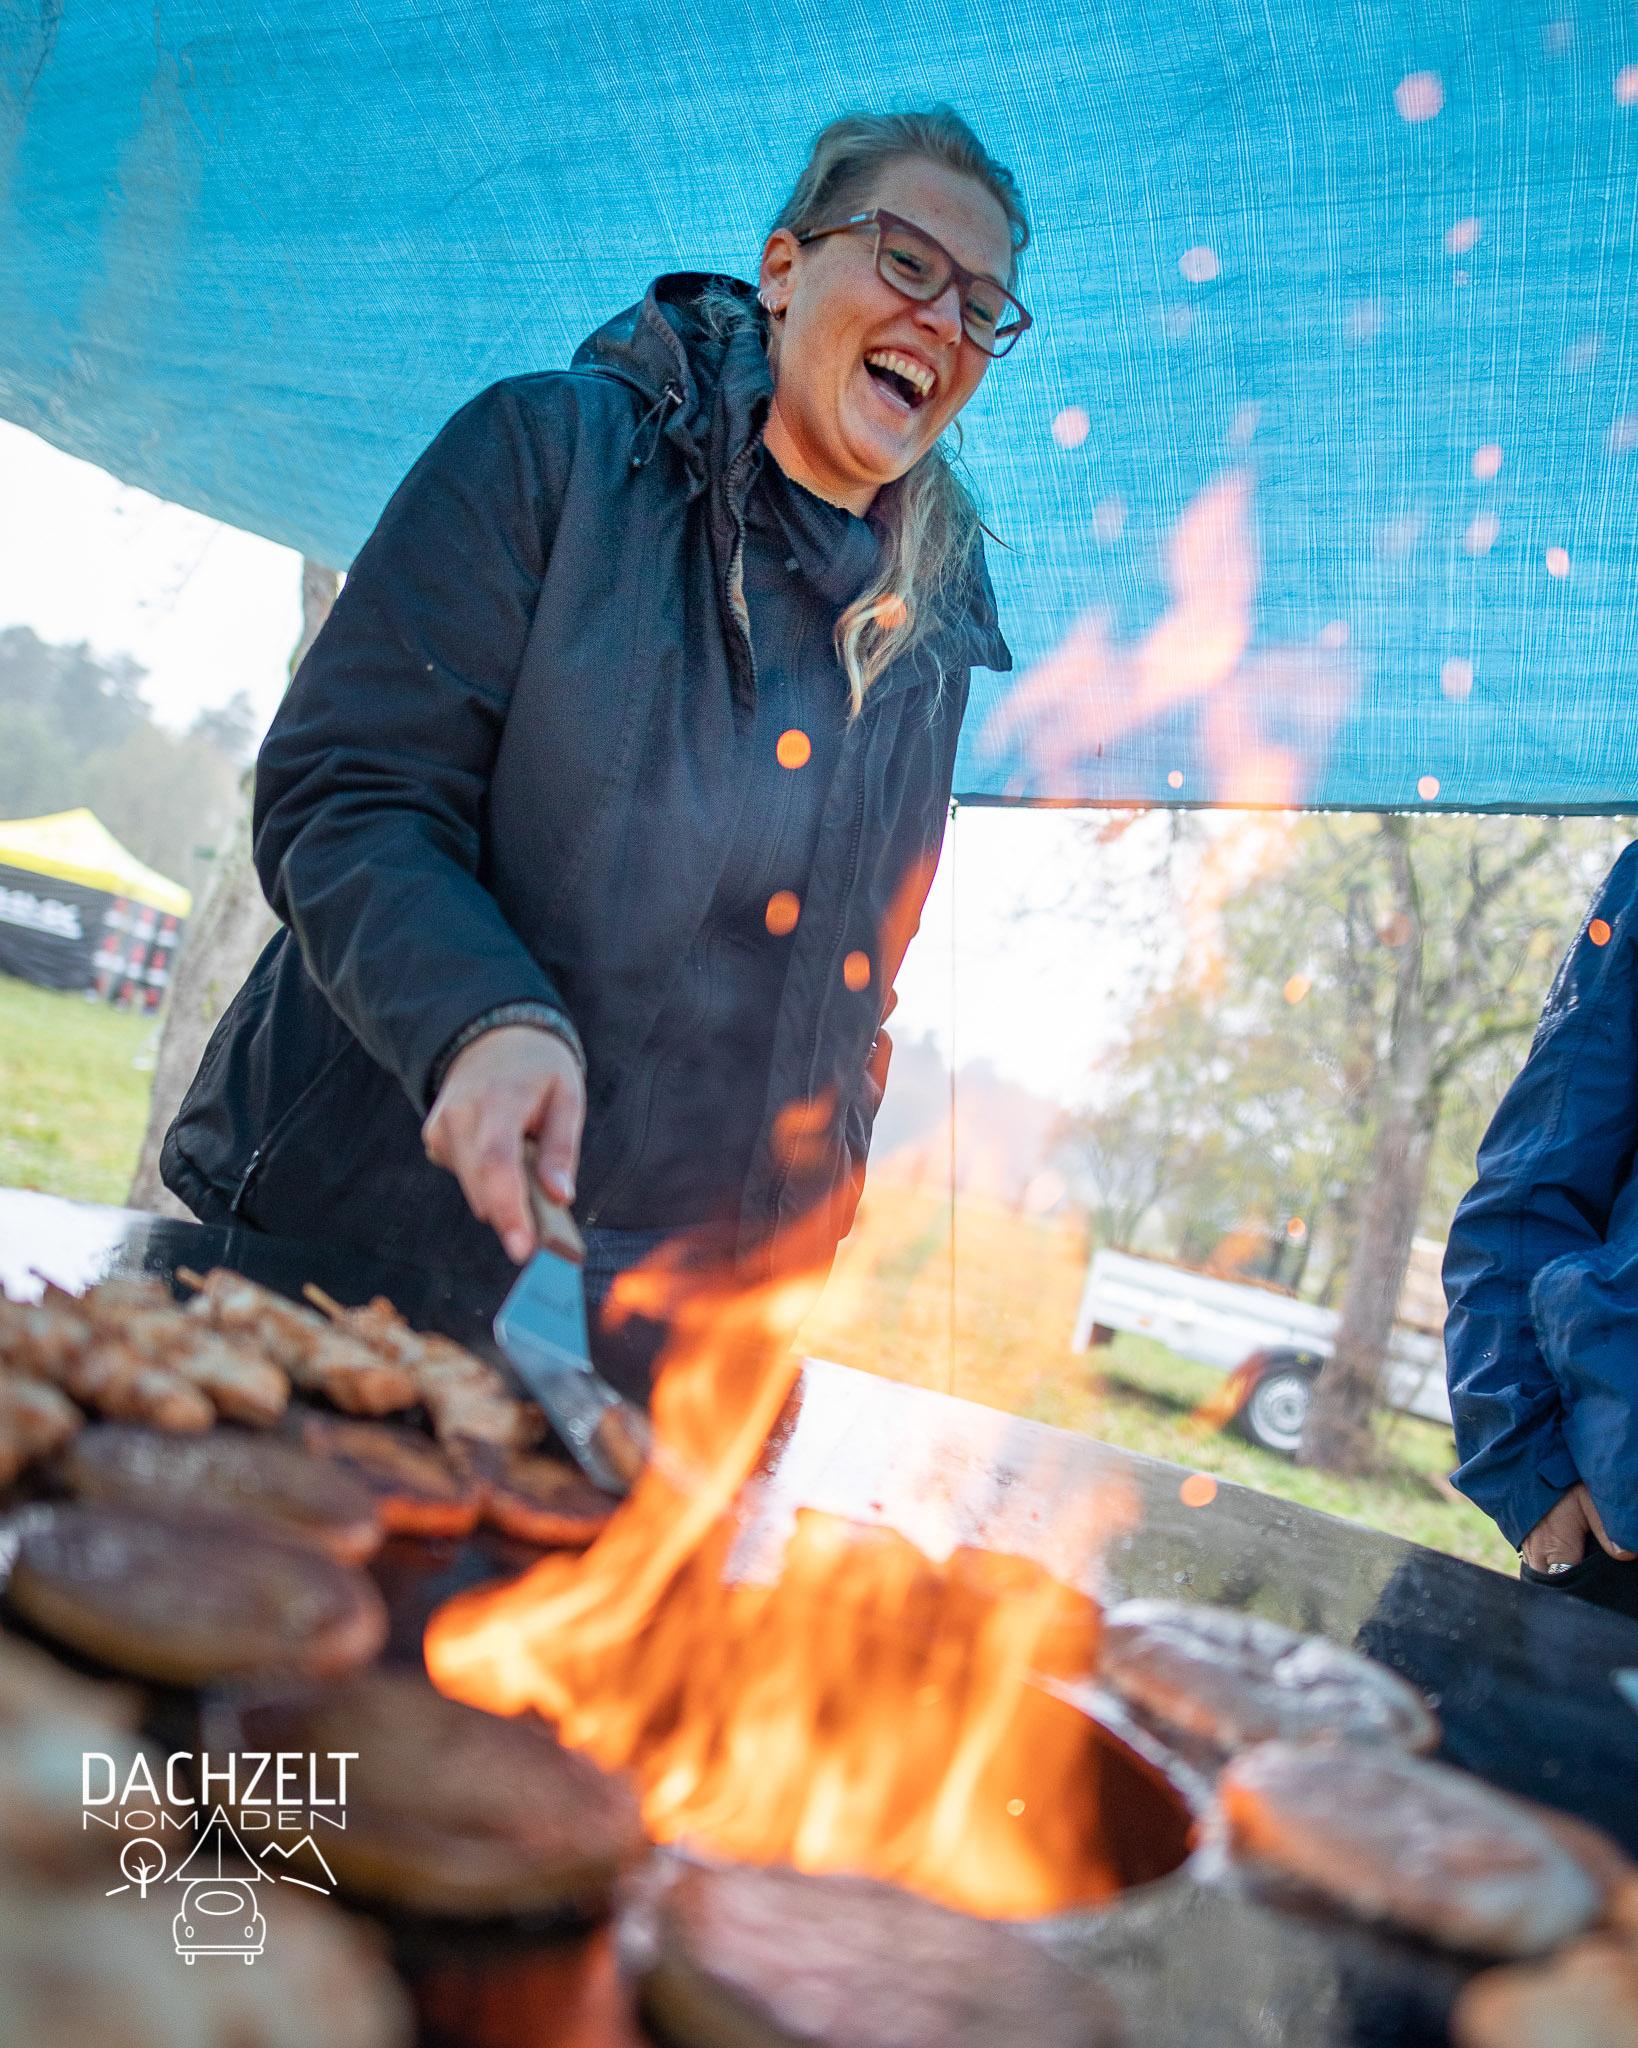 20191101-Dachzelt-Meetup-Bremen-Dennis-Brandt DB 0142-2